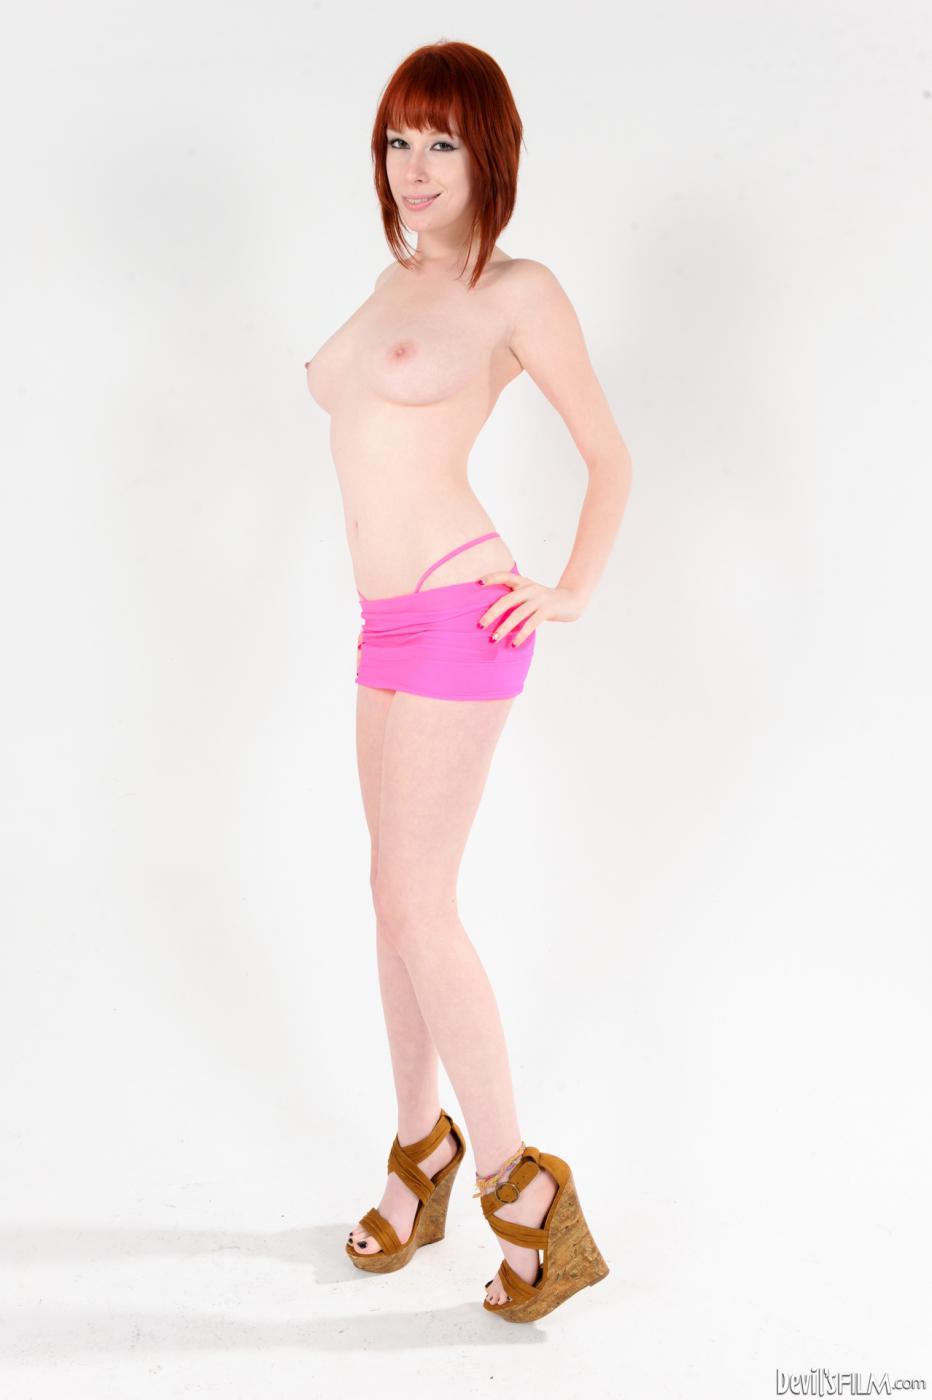 Милая сексуальная девочка-подросток в розовых трусах Zoe Nixon устраивает топлесс-фотосессию